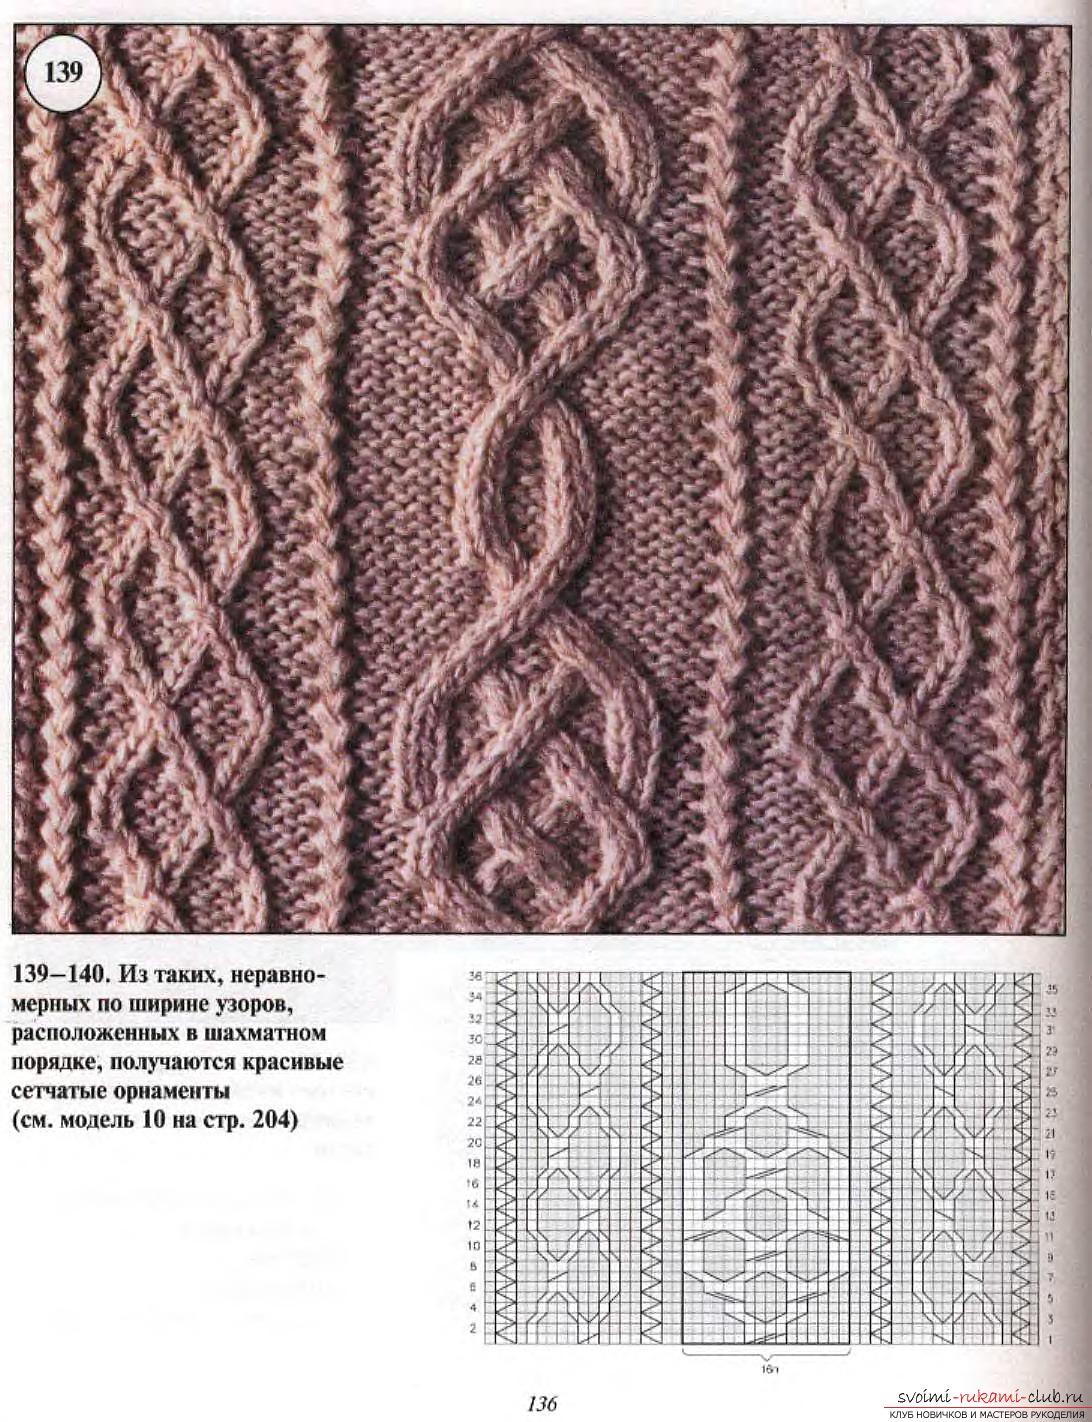 Аранские и ирландские узоры спицами с описанием и схемами